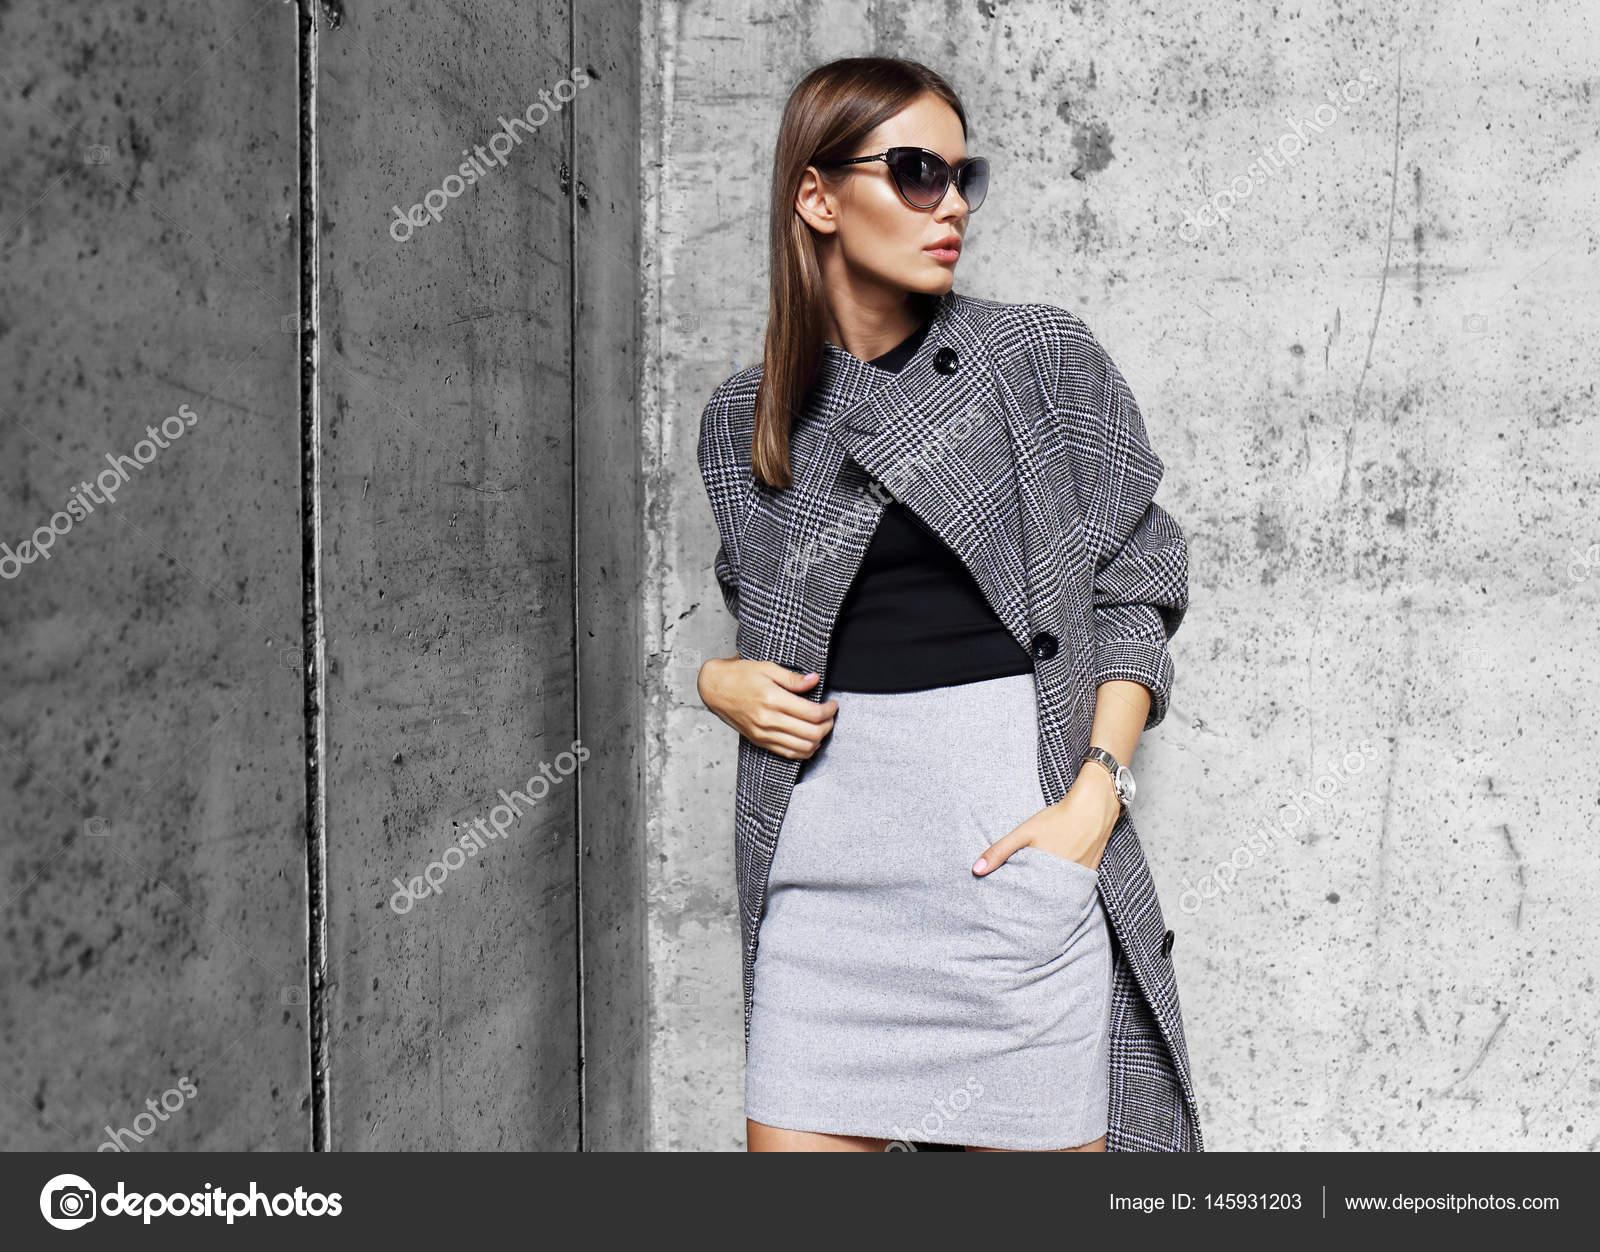 Abrigo Mujer Mujer Gris Gris Moda Moda Moda Abrigo Mujer Ht6qWwTt